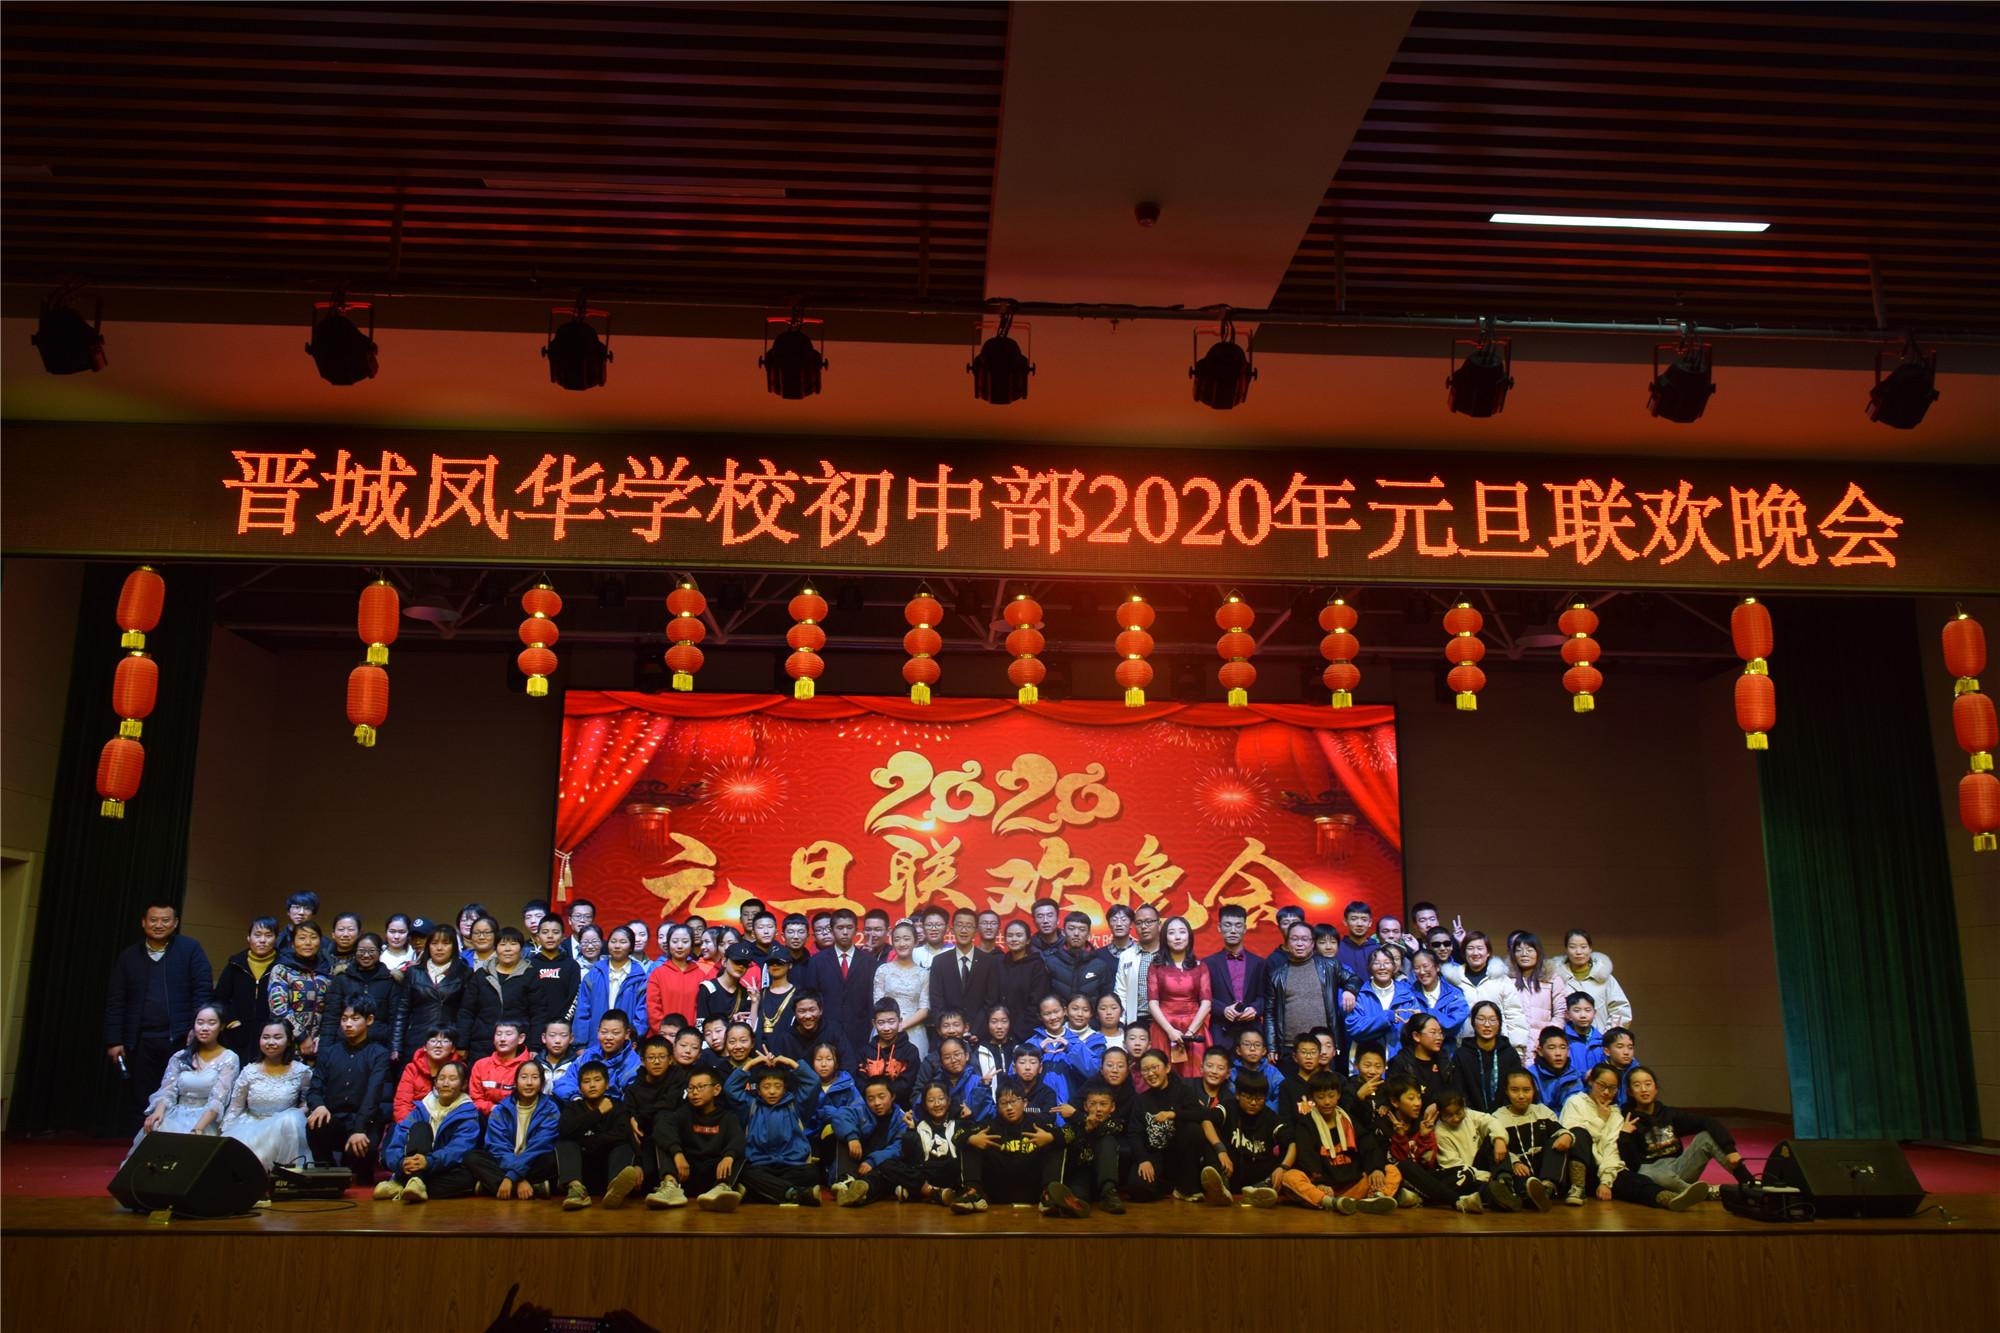 我心飞yang 不负韶hua——晋cheng网上du场denglu学校初中部2020年yuan旦联huan晚会